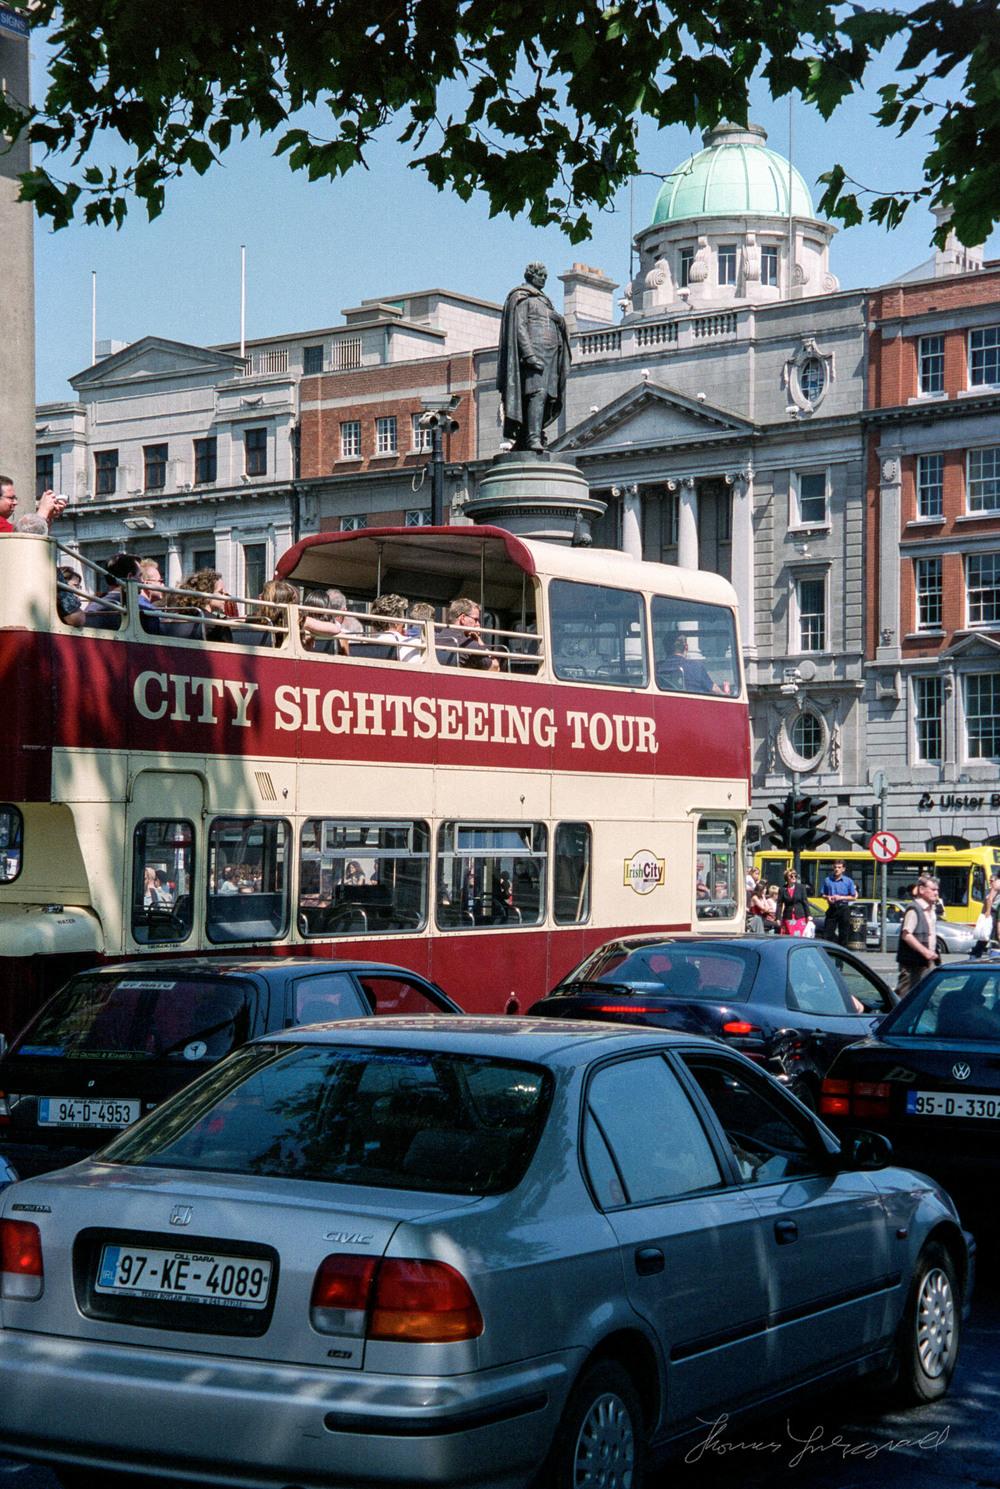 sight-seeing-tour-2.jpg